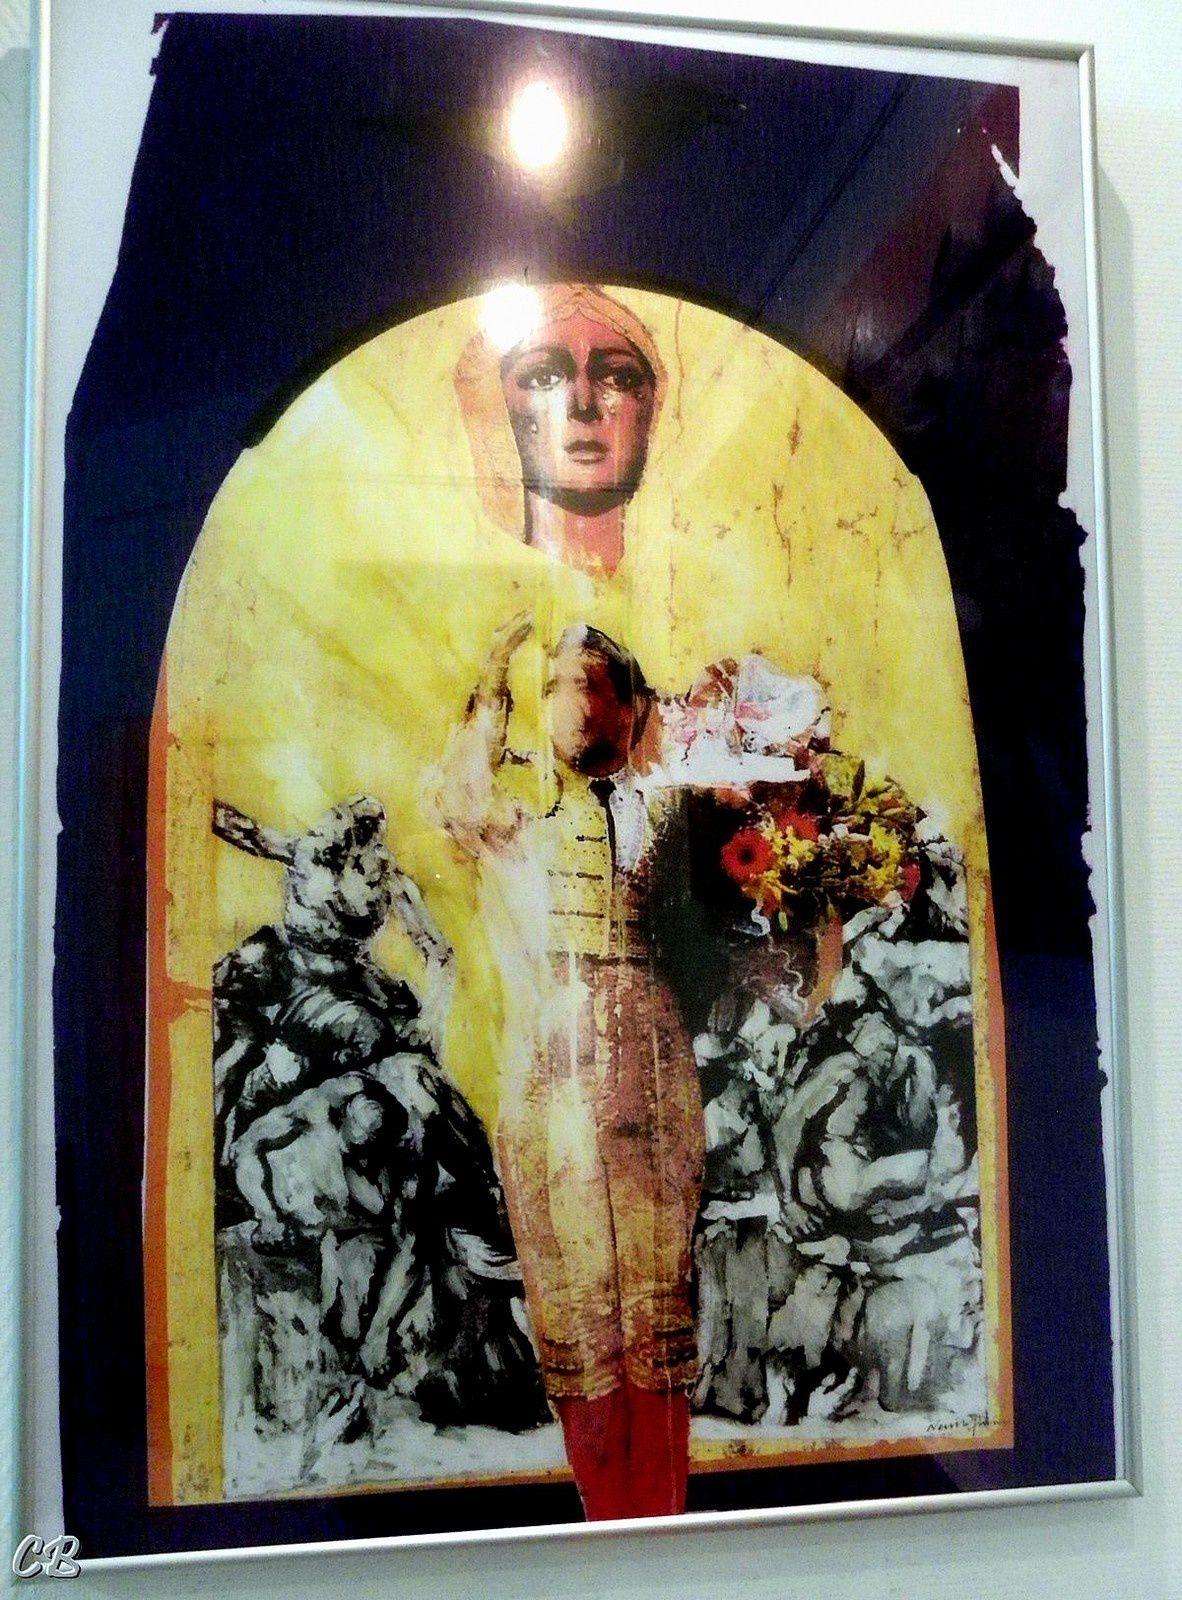 Exposition de peinture de notre artiste villasavarien, Neville Paine